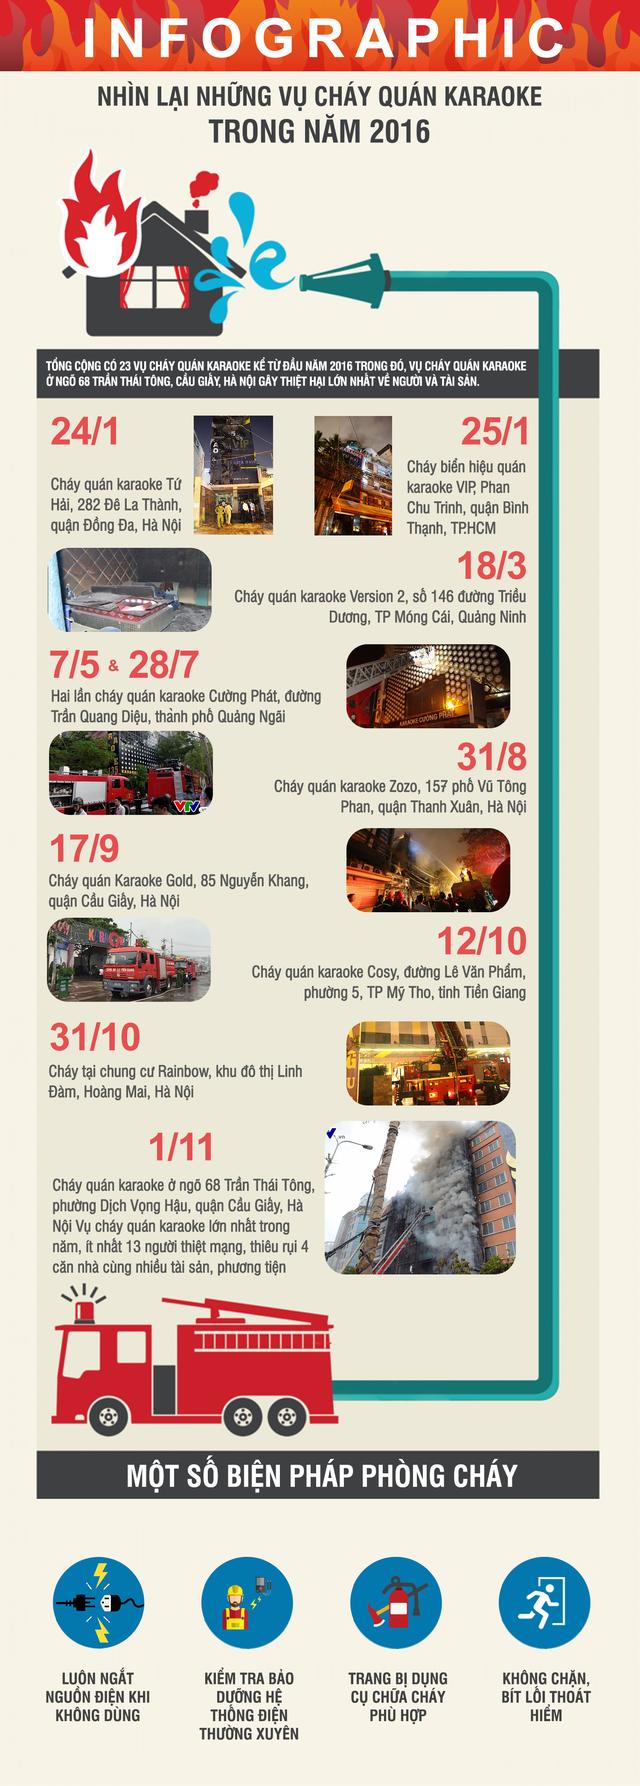 [INFOGRAPHIC] Nhìn lại một số vụ cháy quán karaoke trong năm 2016 - Ảnh 1.